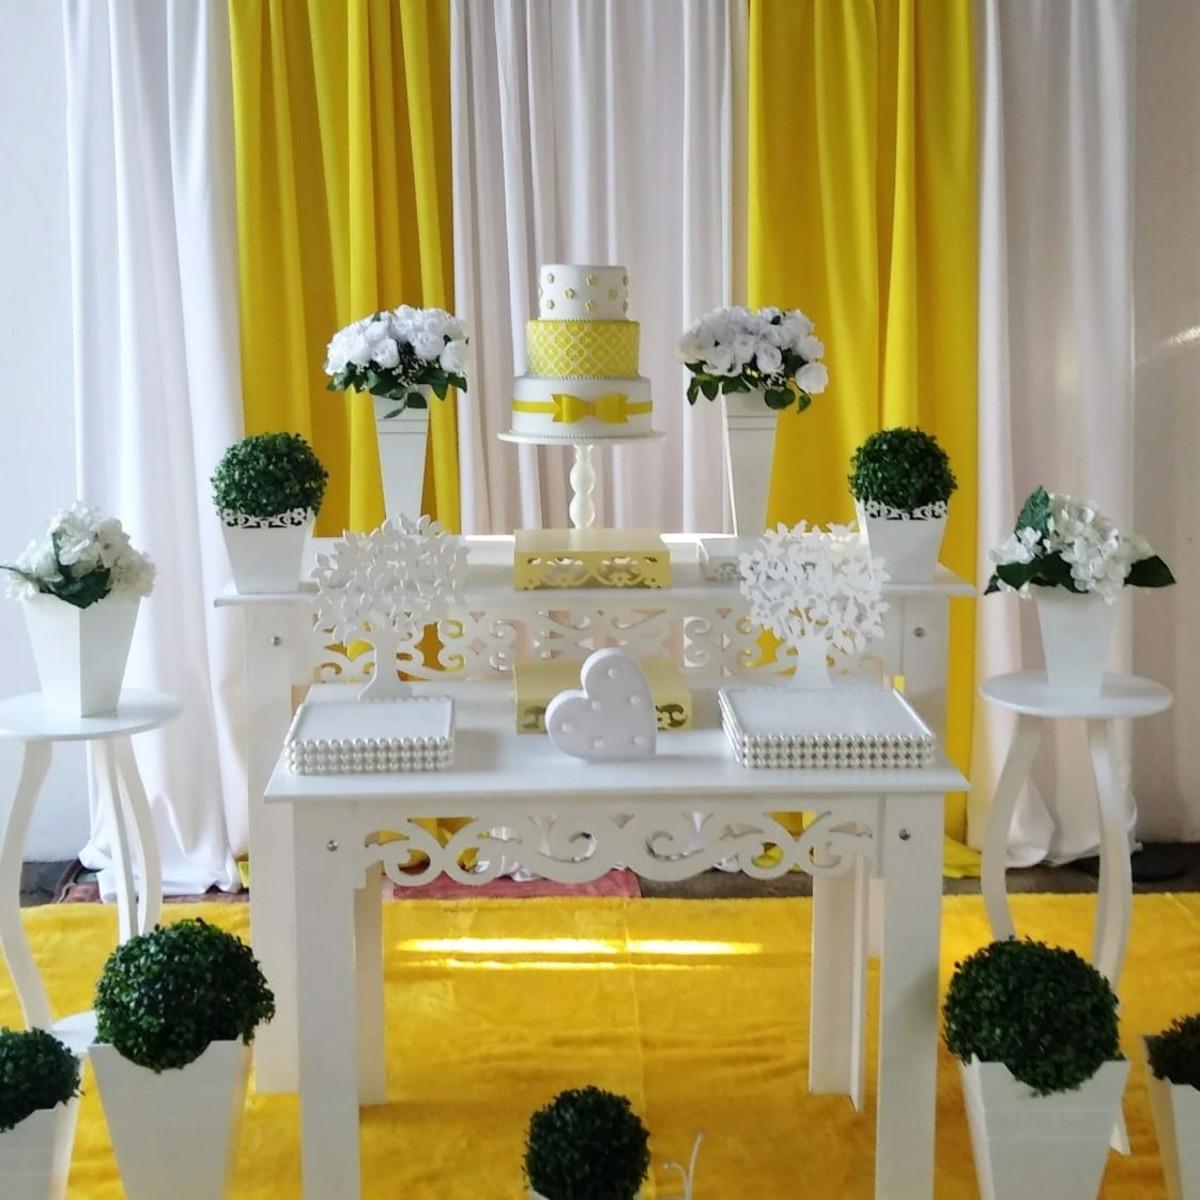 Decoraç u00e3o Aniversário adulto Casamento Bodas Noivado no Elo7 Rede Festas Decorações (CFD5B9) -> Decoração De Zebra Para Aniversario